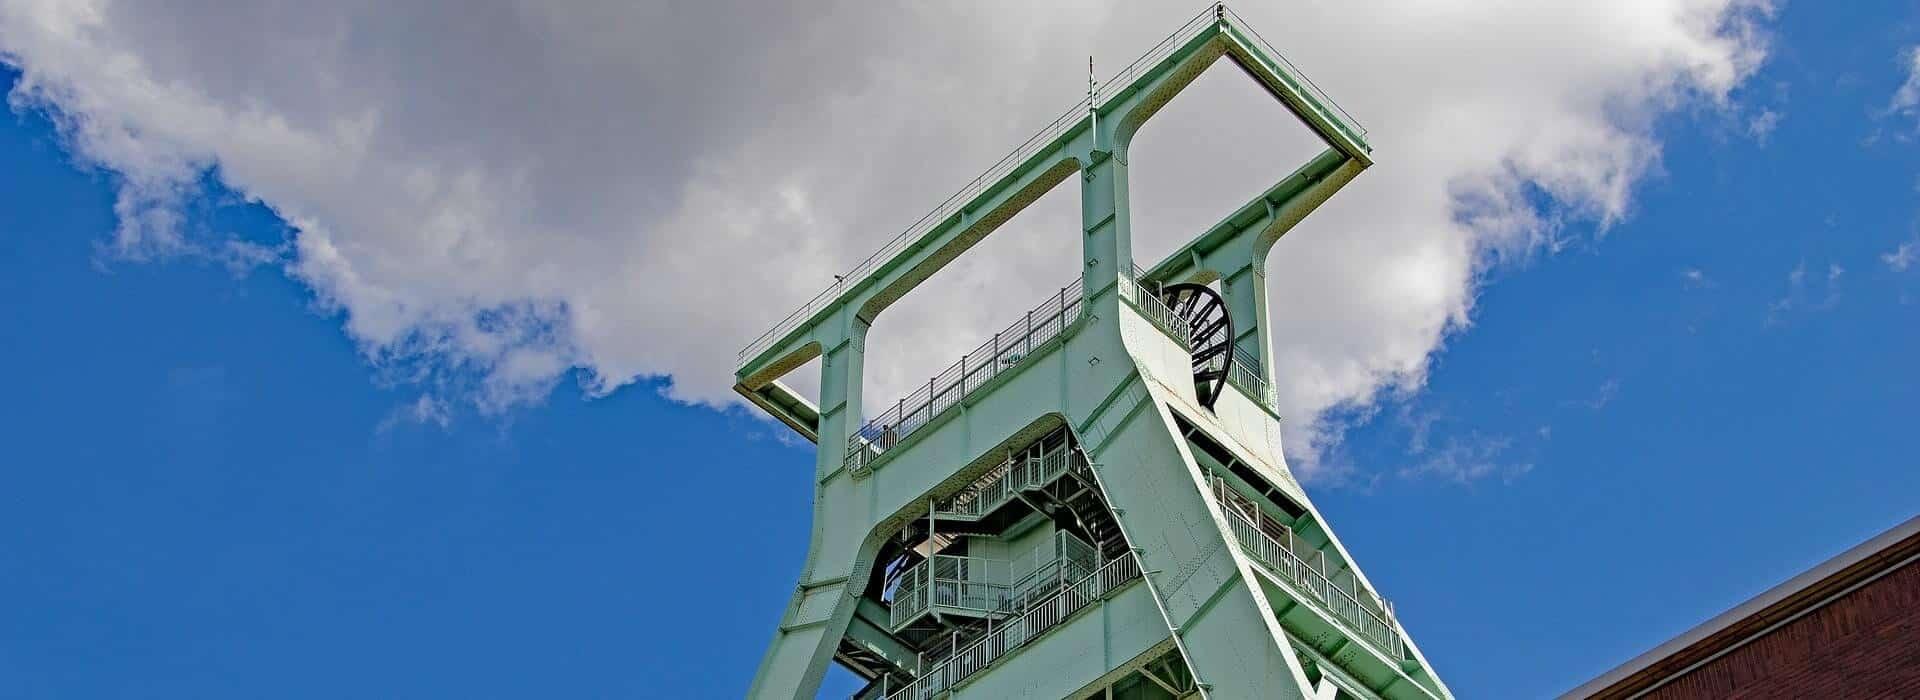 Finanzberatung Bochum